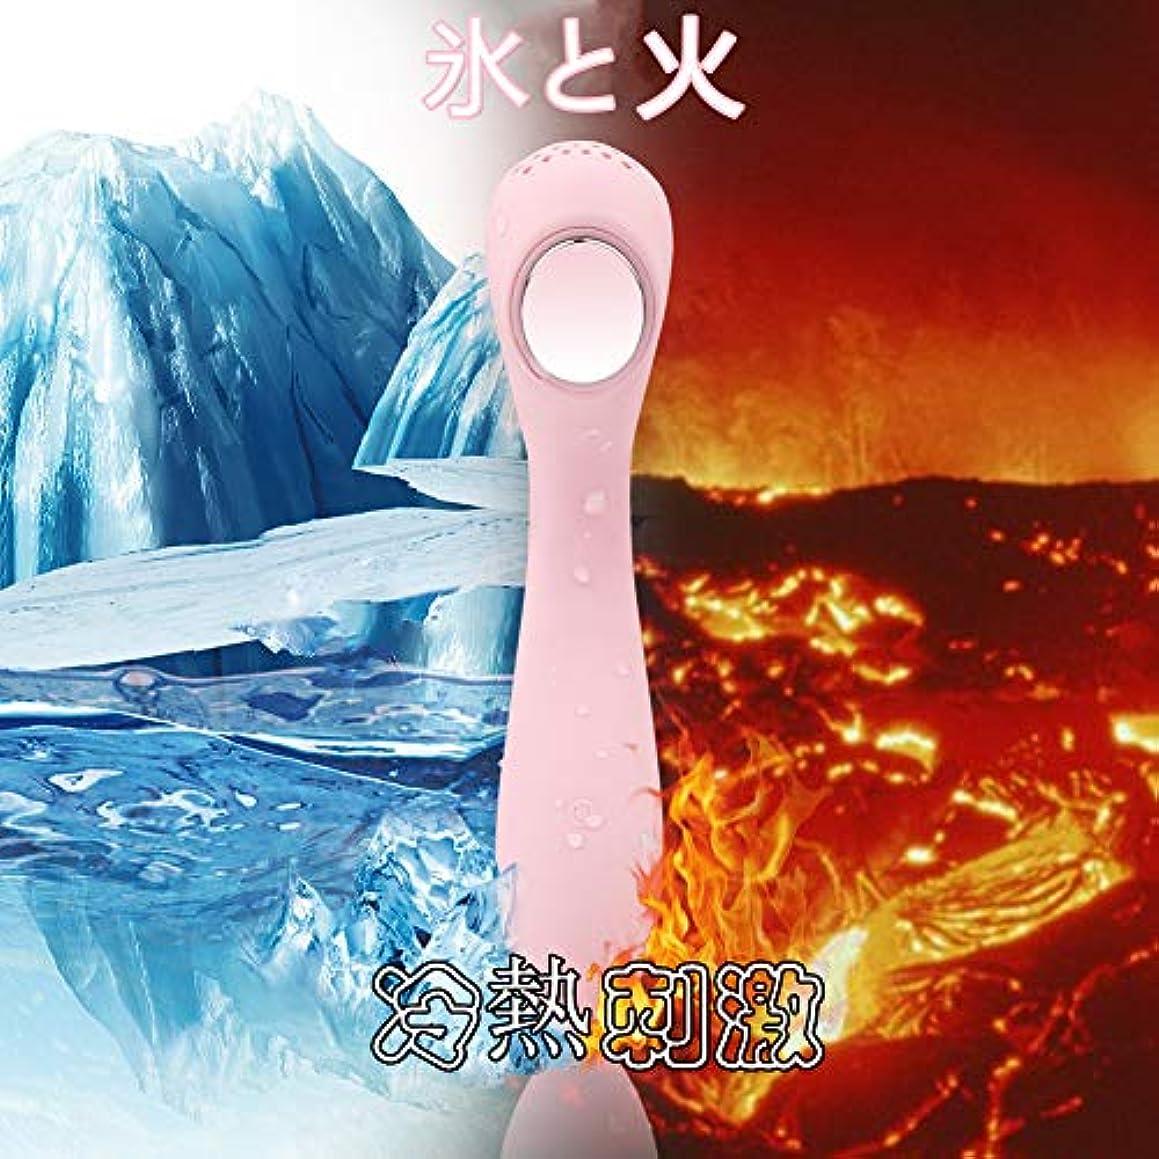 ジョリーありふれた徐々にWimaha 氷と火 ハンディマッサージャー 3種類冷熱モード 3種振動頻度 電動マッサージャー 防水 静音 シリコン 1年保証付き